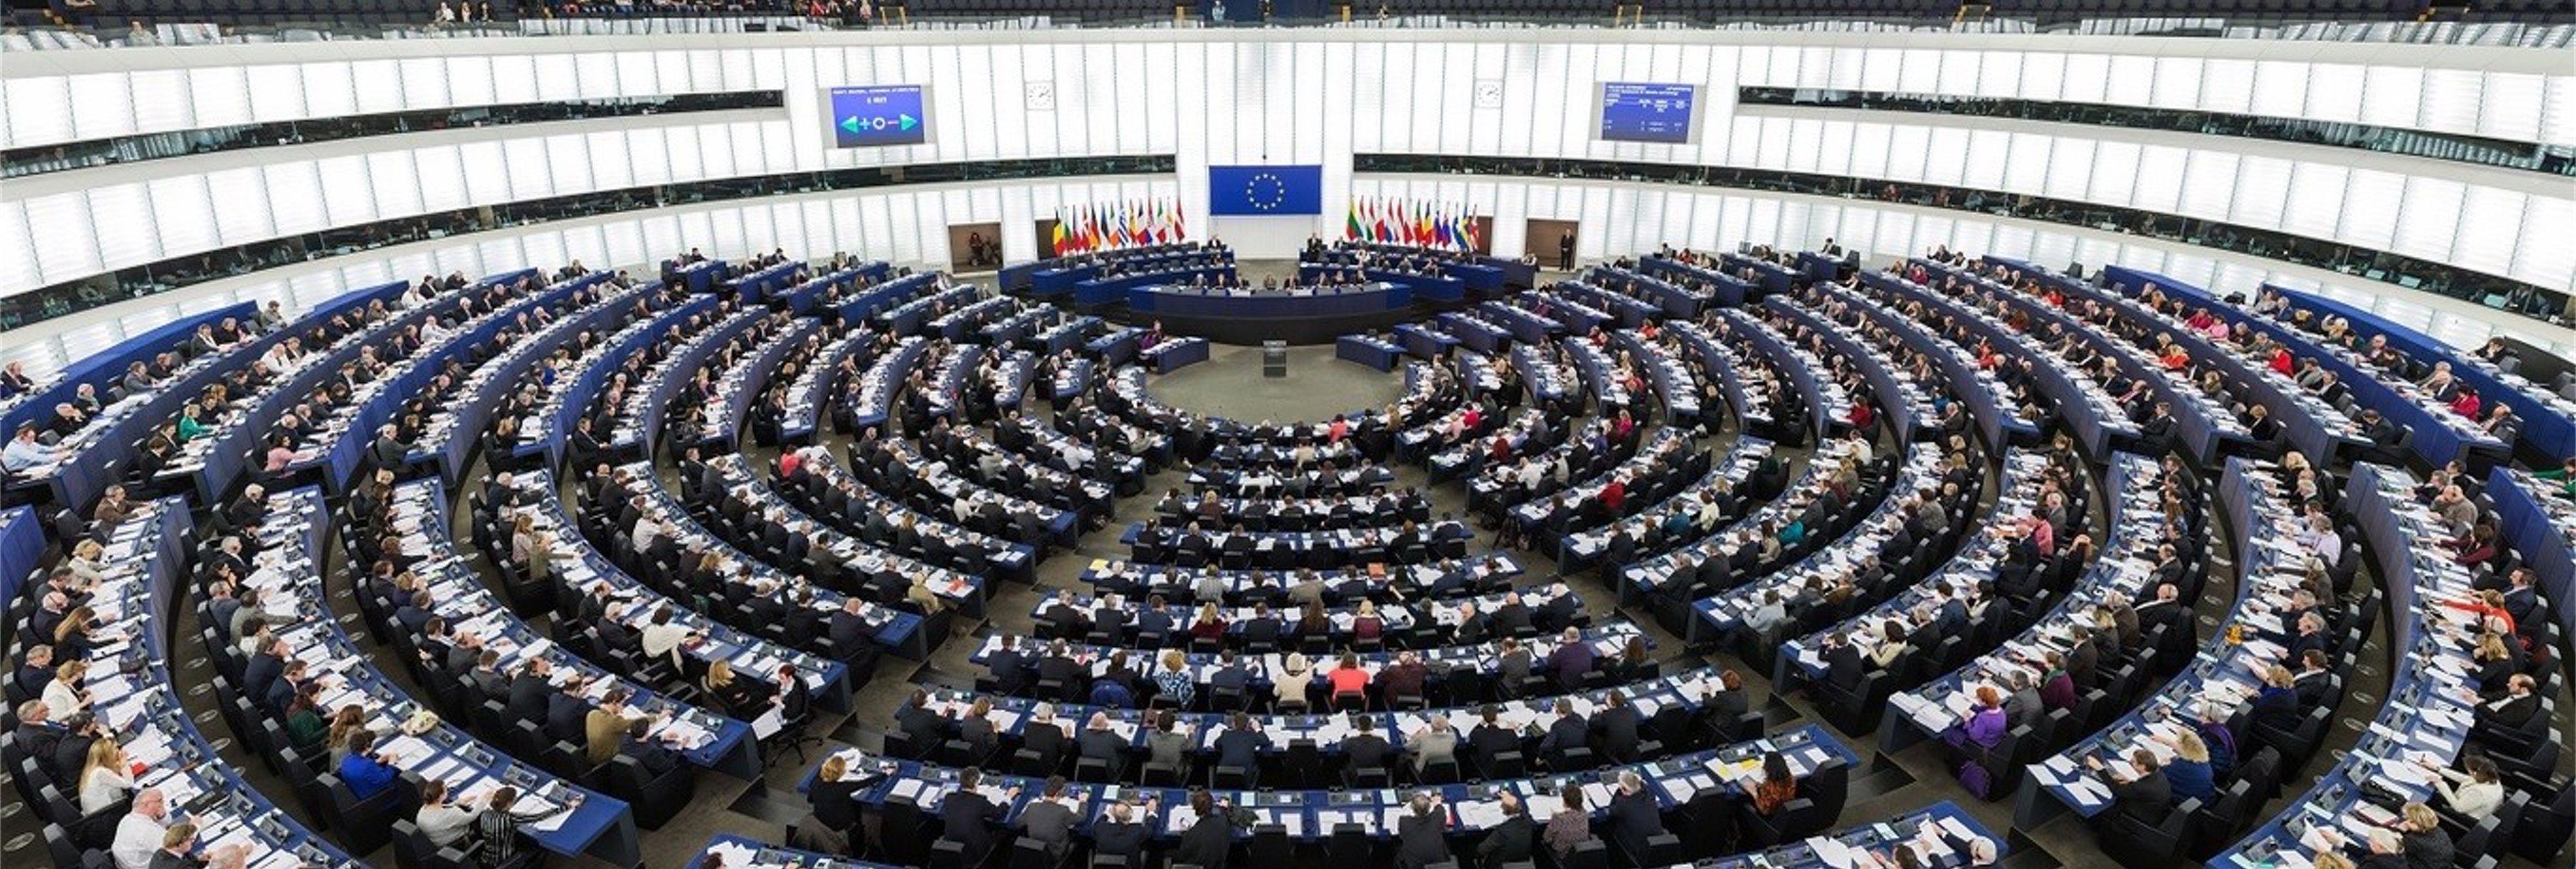 La UE aprueba una directiva que va a terminar con la libertad de expresión en internet